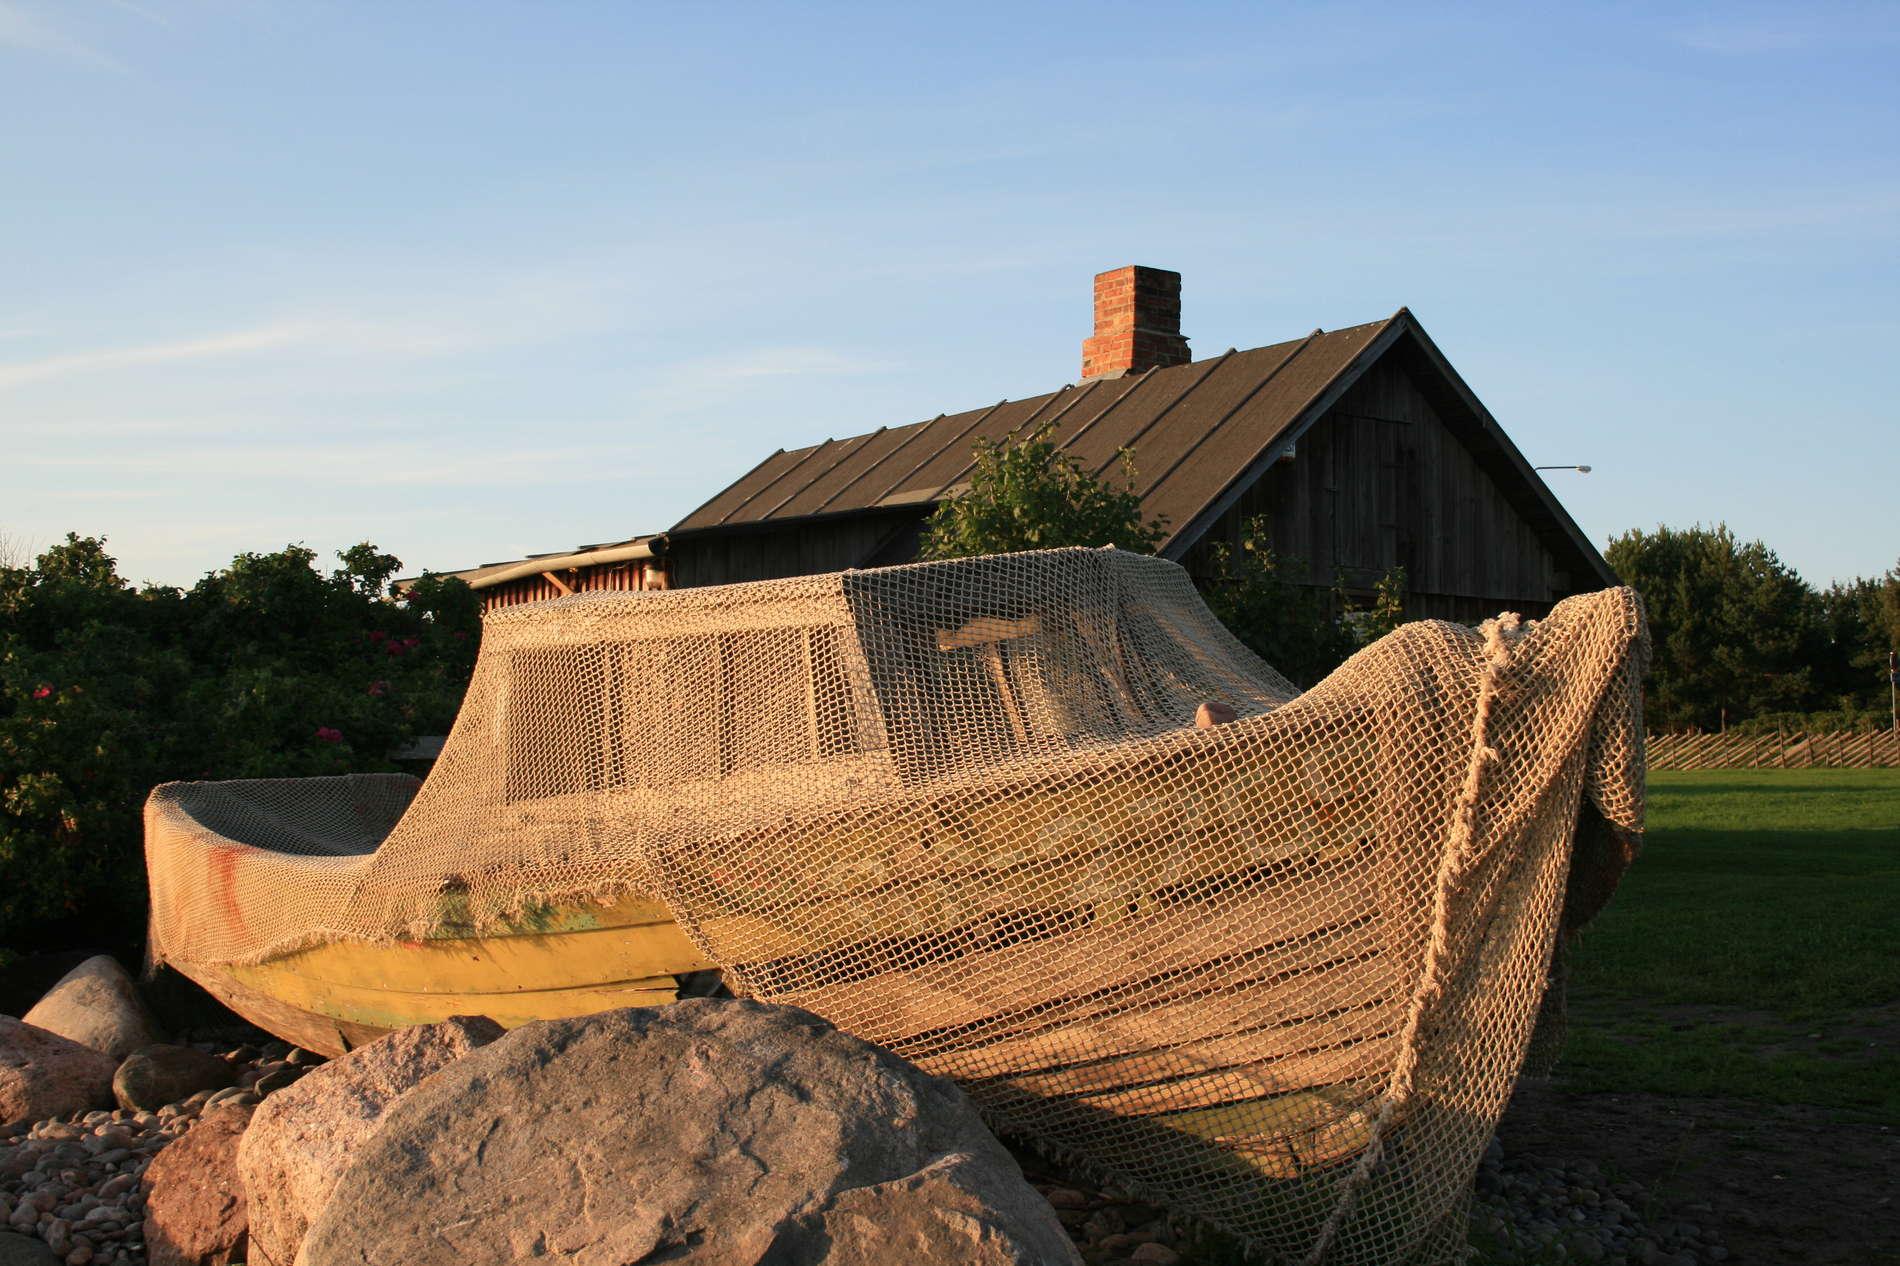 Vanha vene Viimsin ulkomuseossa  Viimsissä Virossa.